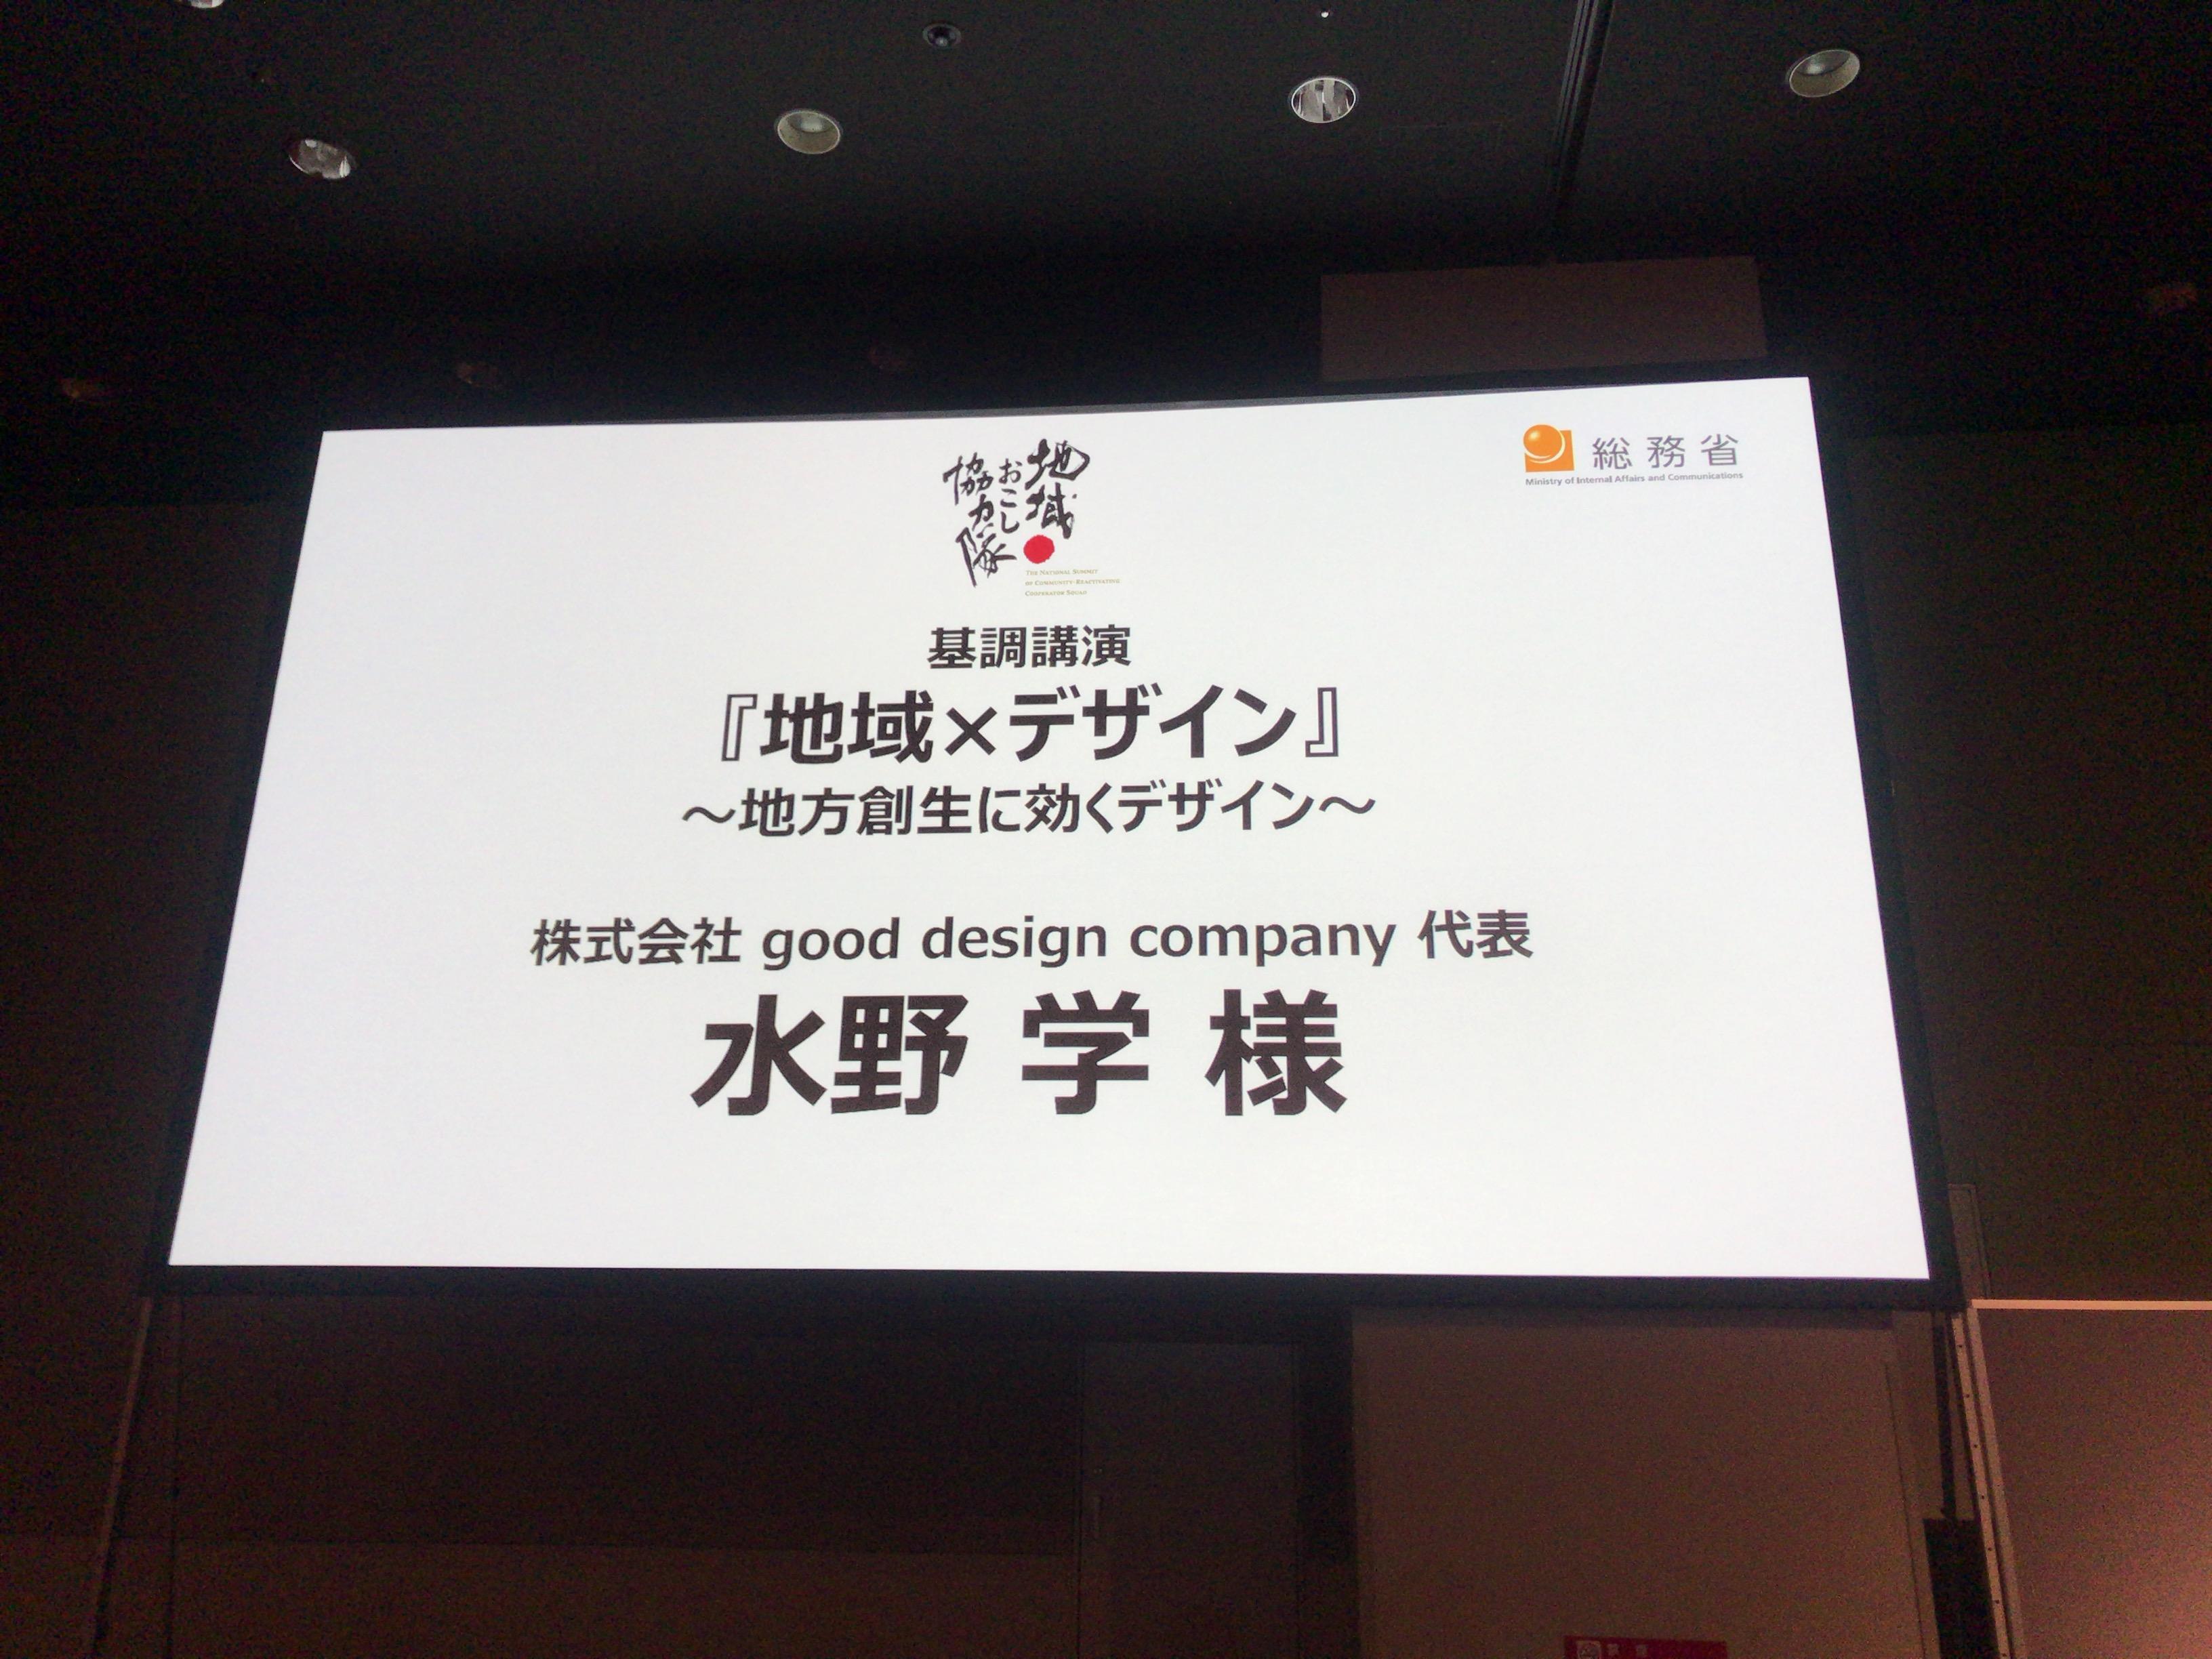 【地域×デザイン】地域おこし協力隊 全国サミット